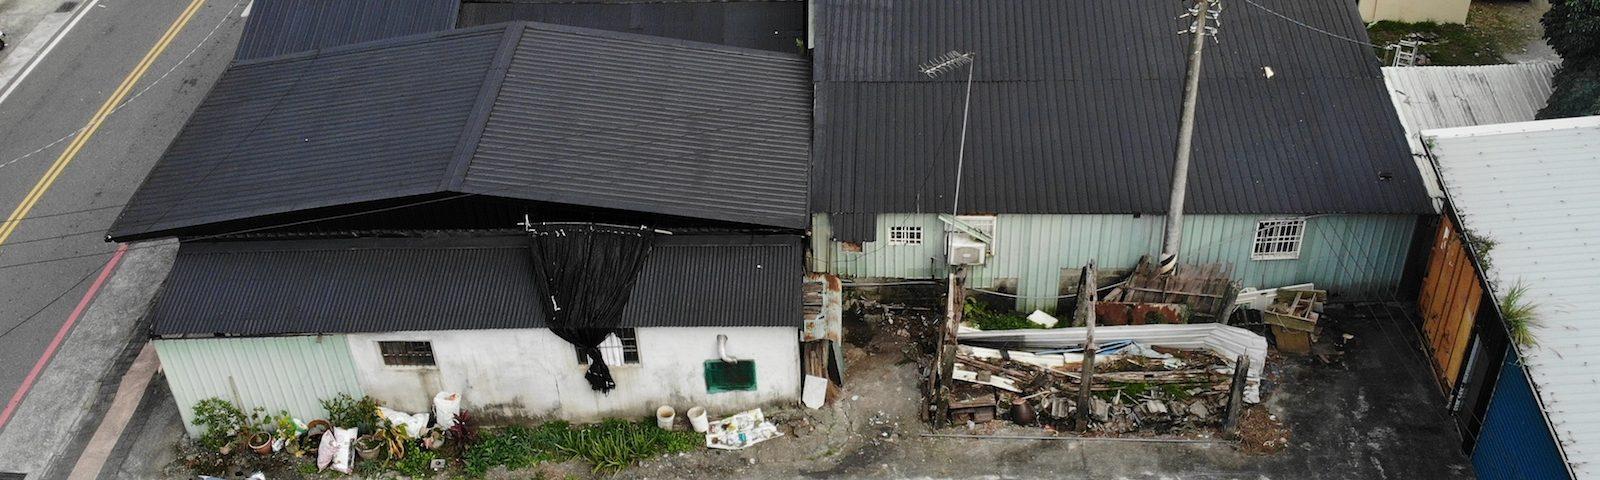 瑞穗村居民屋後有一塊空地是國有財產局的地